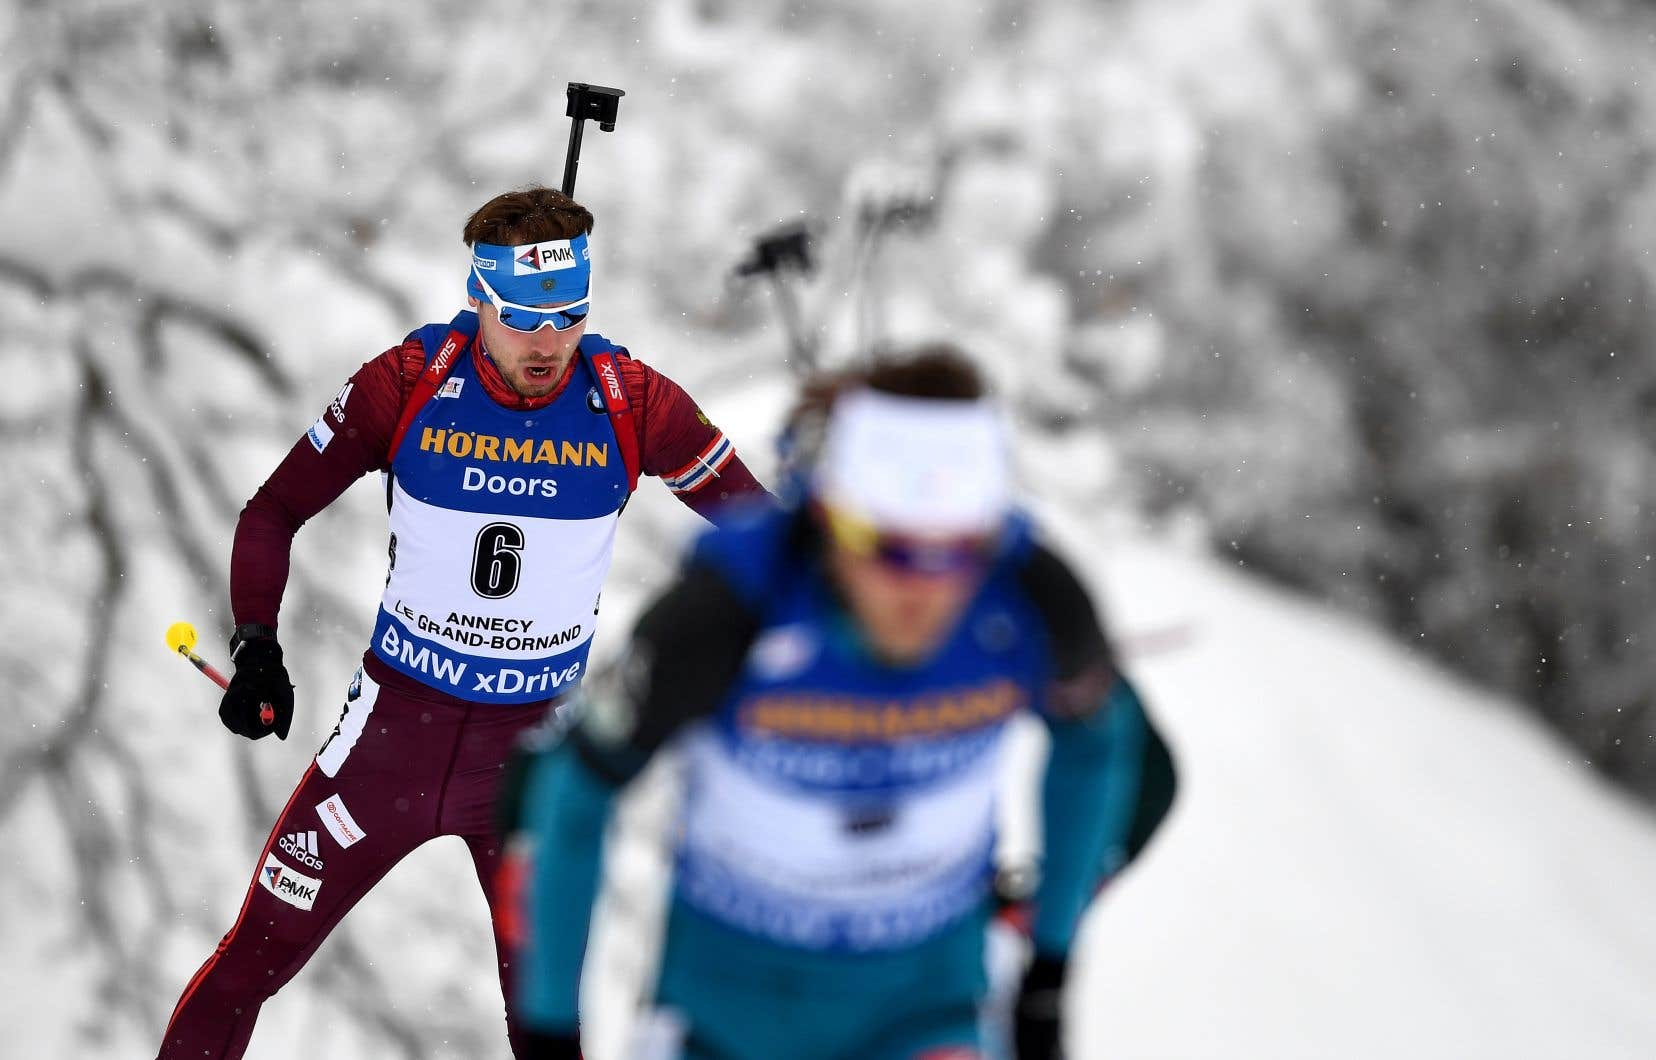 Parmi les sportifs dont l'appel a été rejeté figure le biathlète Anton Shipulin.